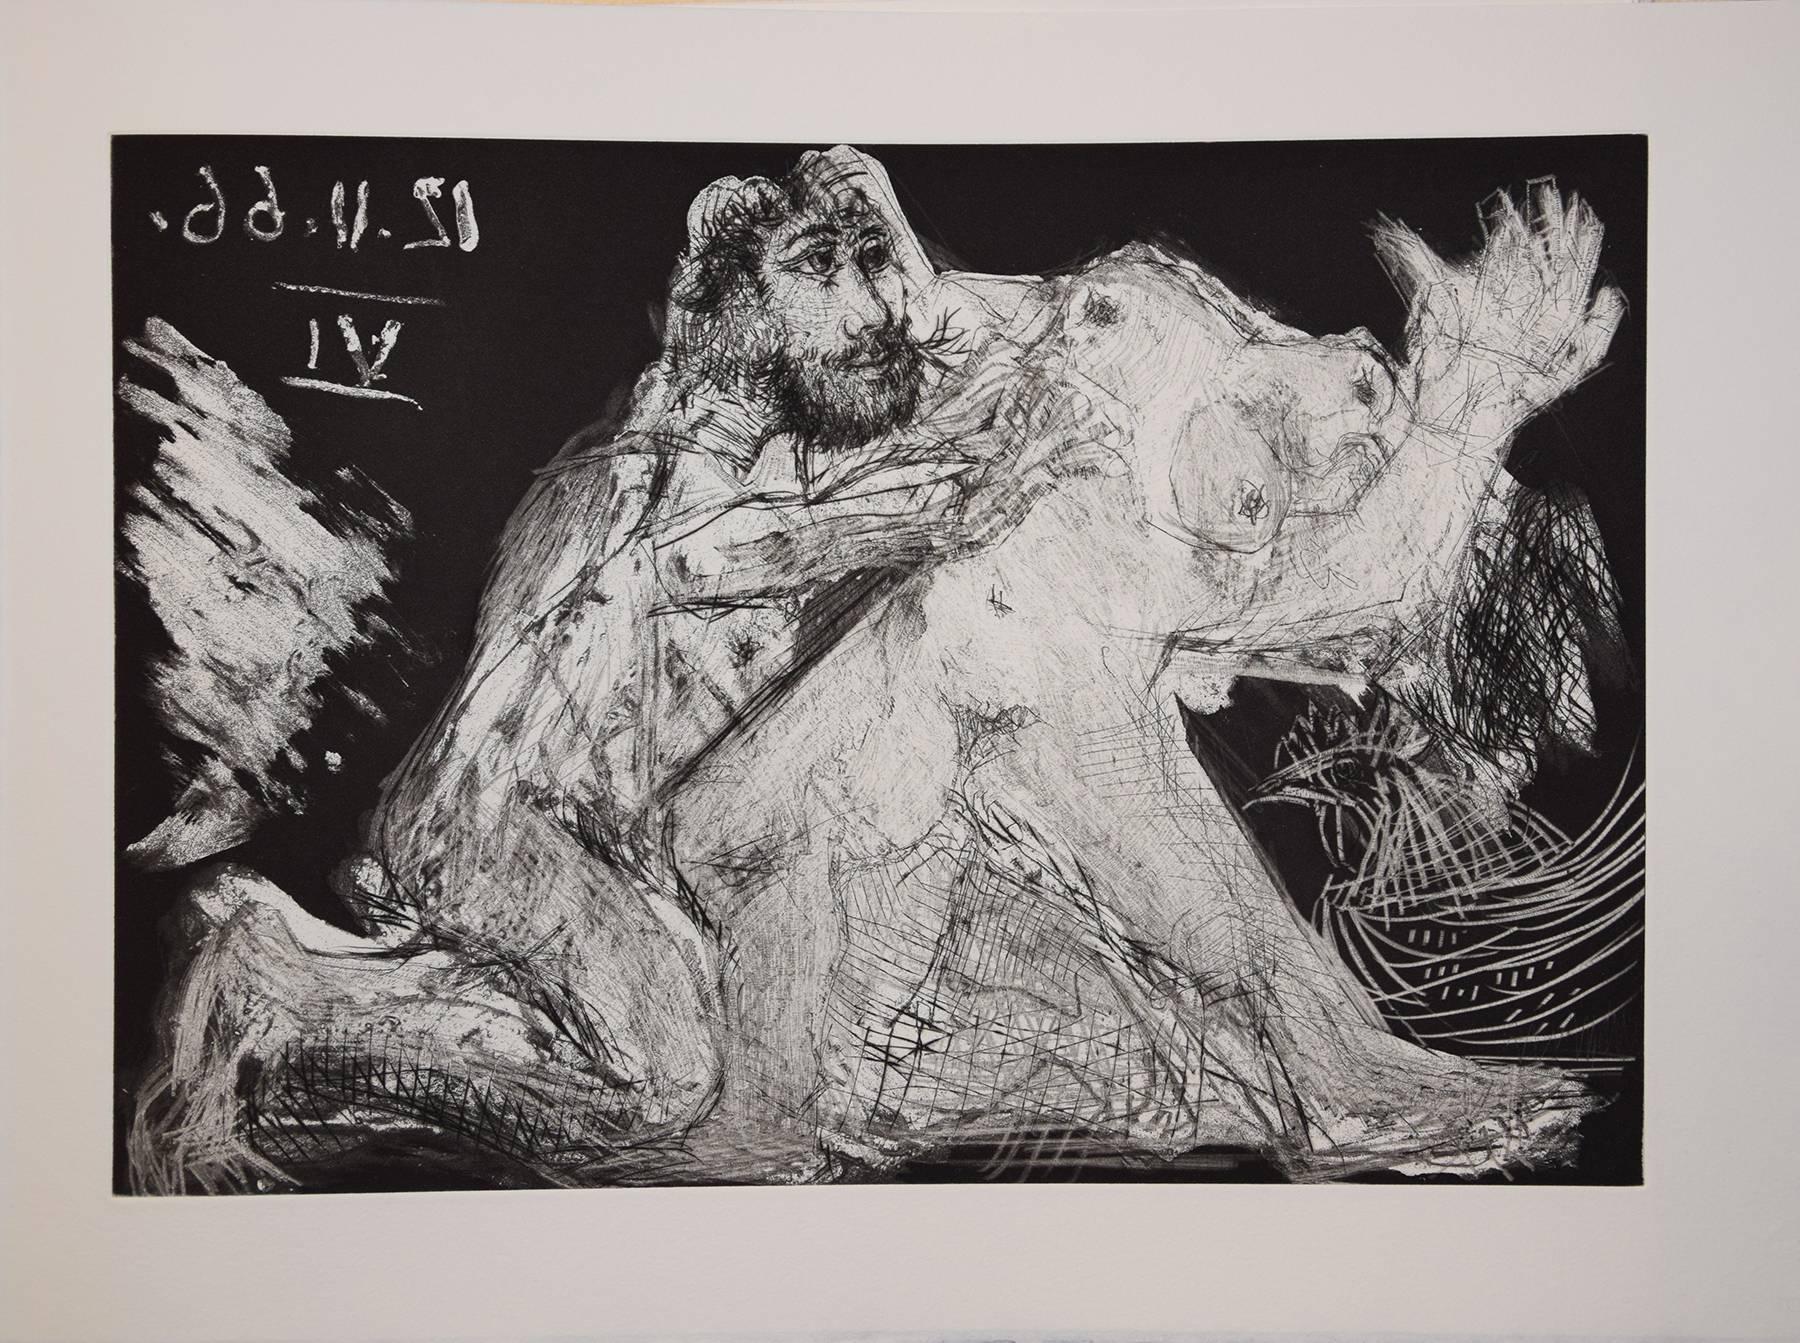 Le Cocu Magnifique - Original Complete Suite of Etchings by Pablo Picasso - 1968